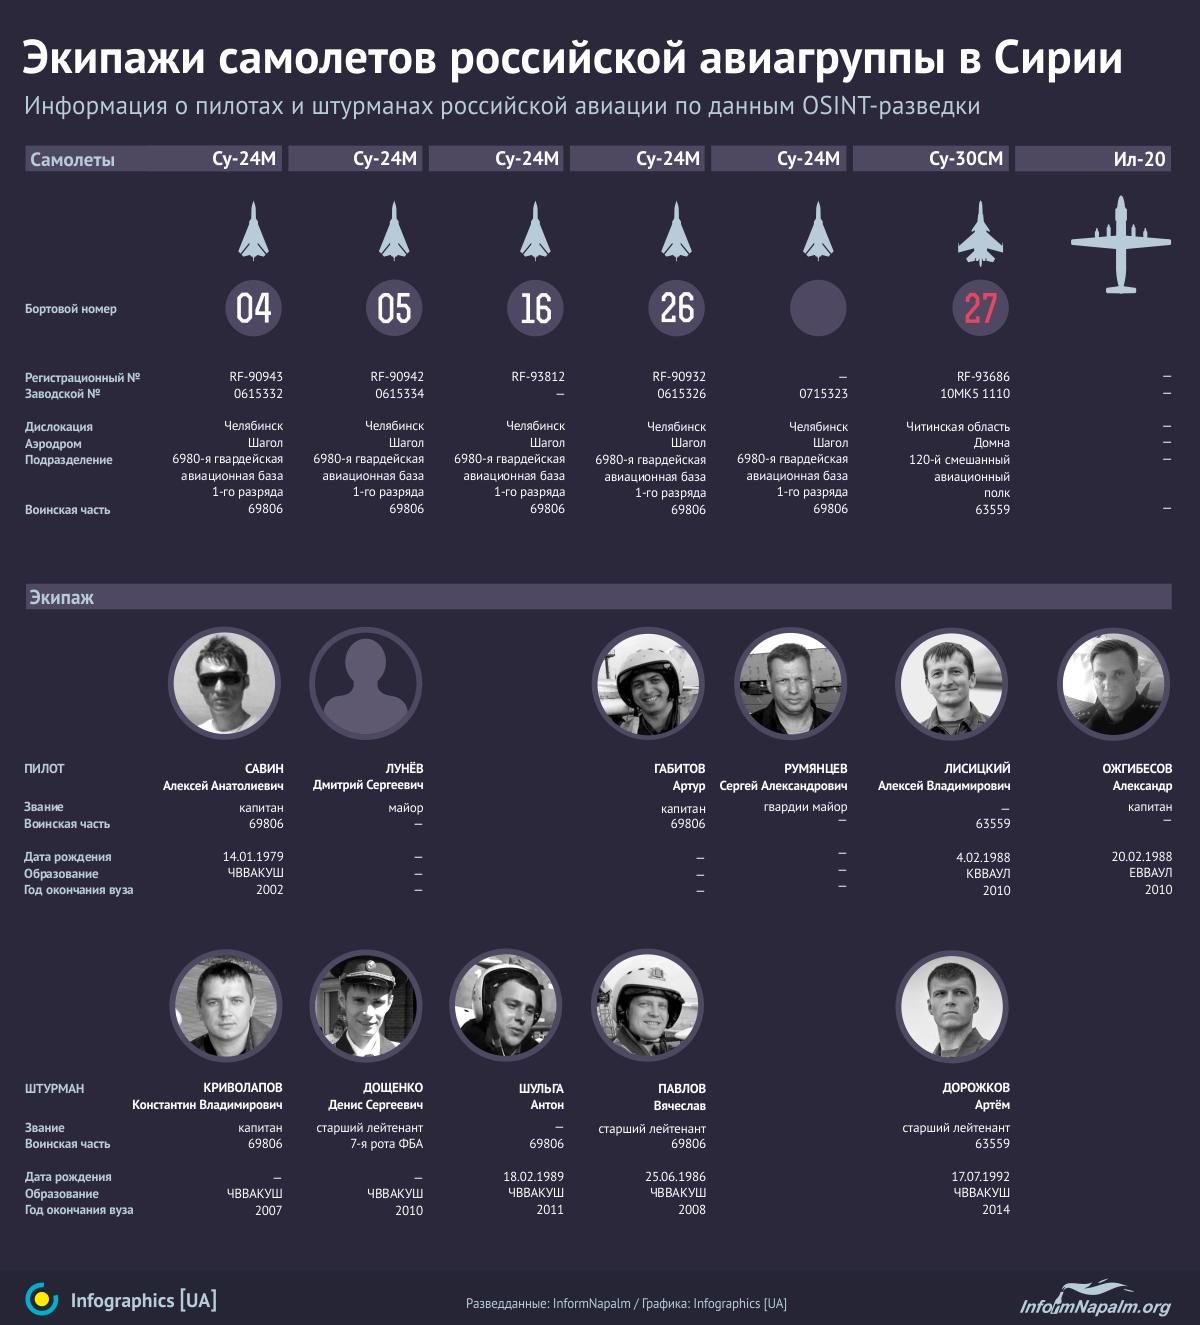 Обнародованы данные 11 военных пилотов РФ в Сирии: инфографика